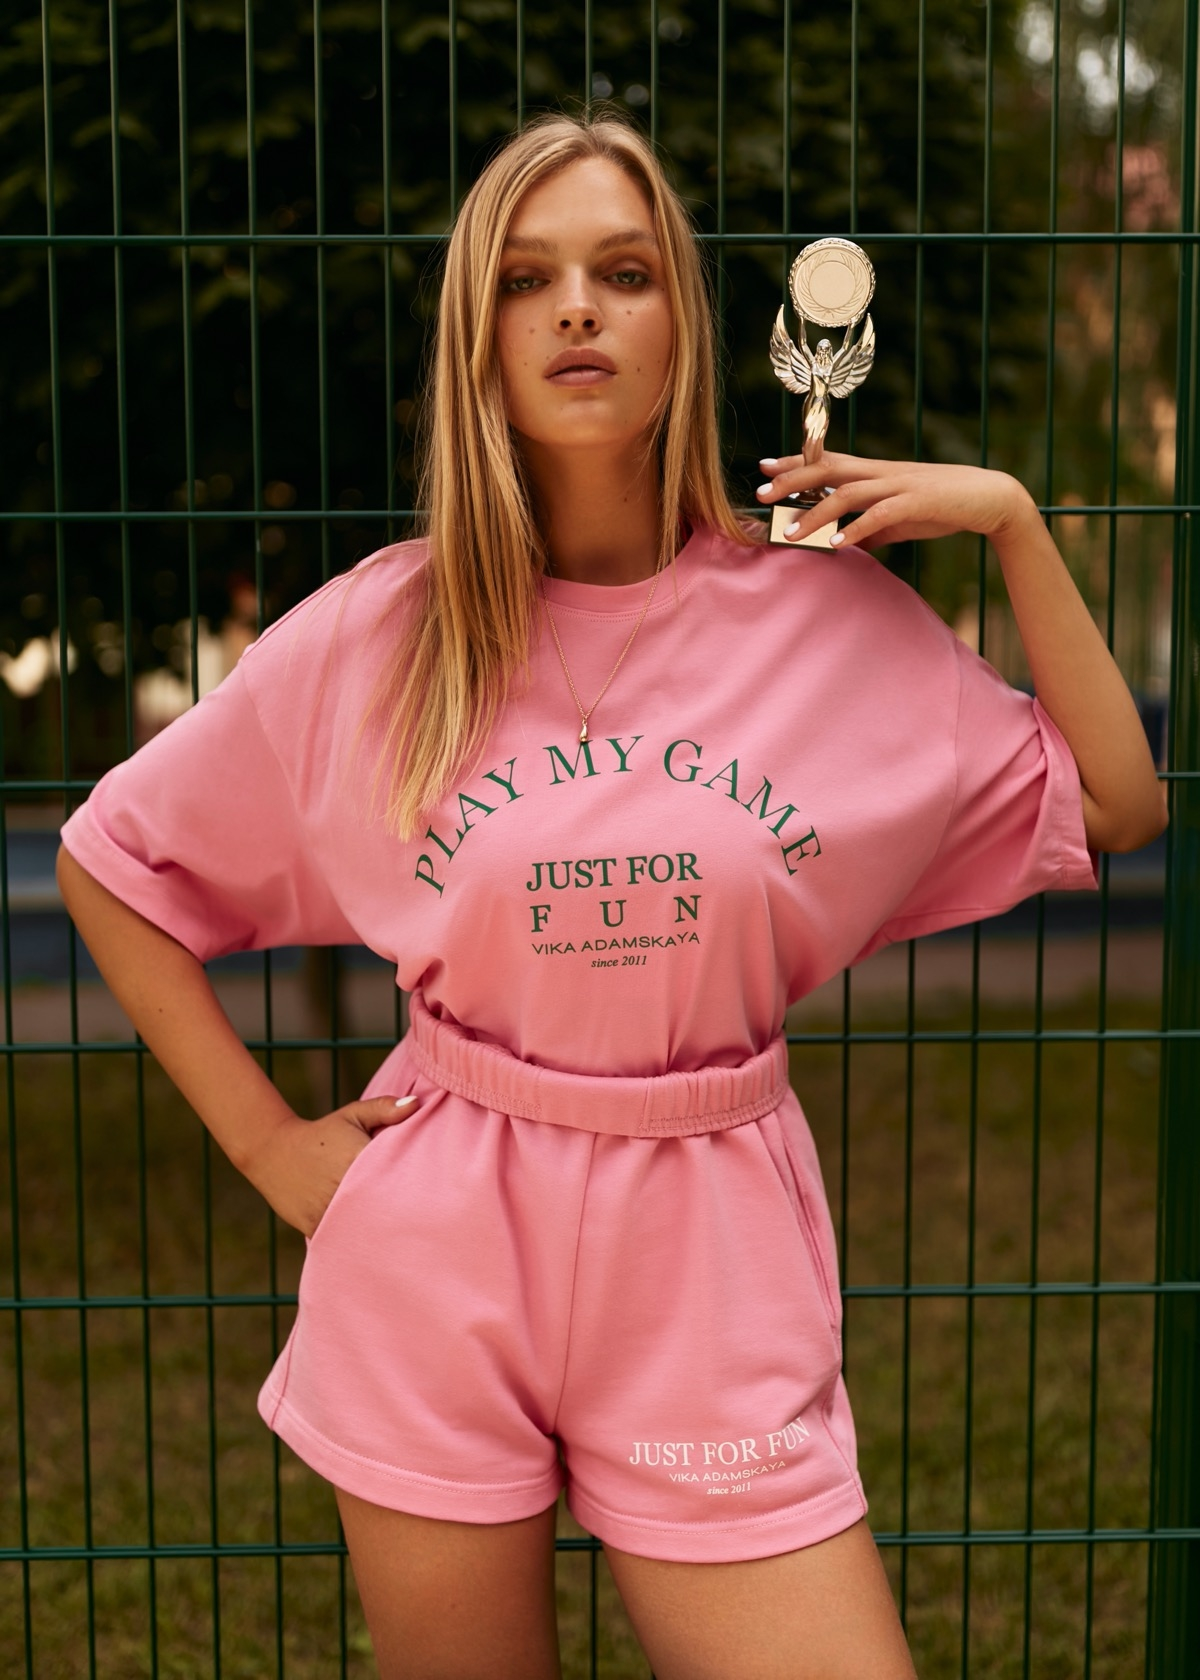 В этом мире побеждает любовь: бренд VIKA ADAMSKAYA представил новую коллекцию стильной спортивной одежды (ФОТО) - фото №2